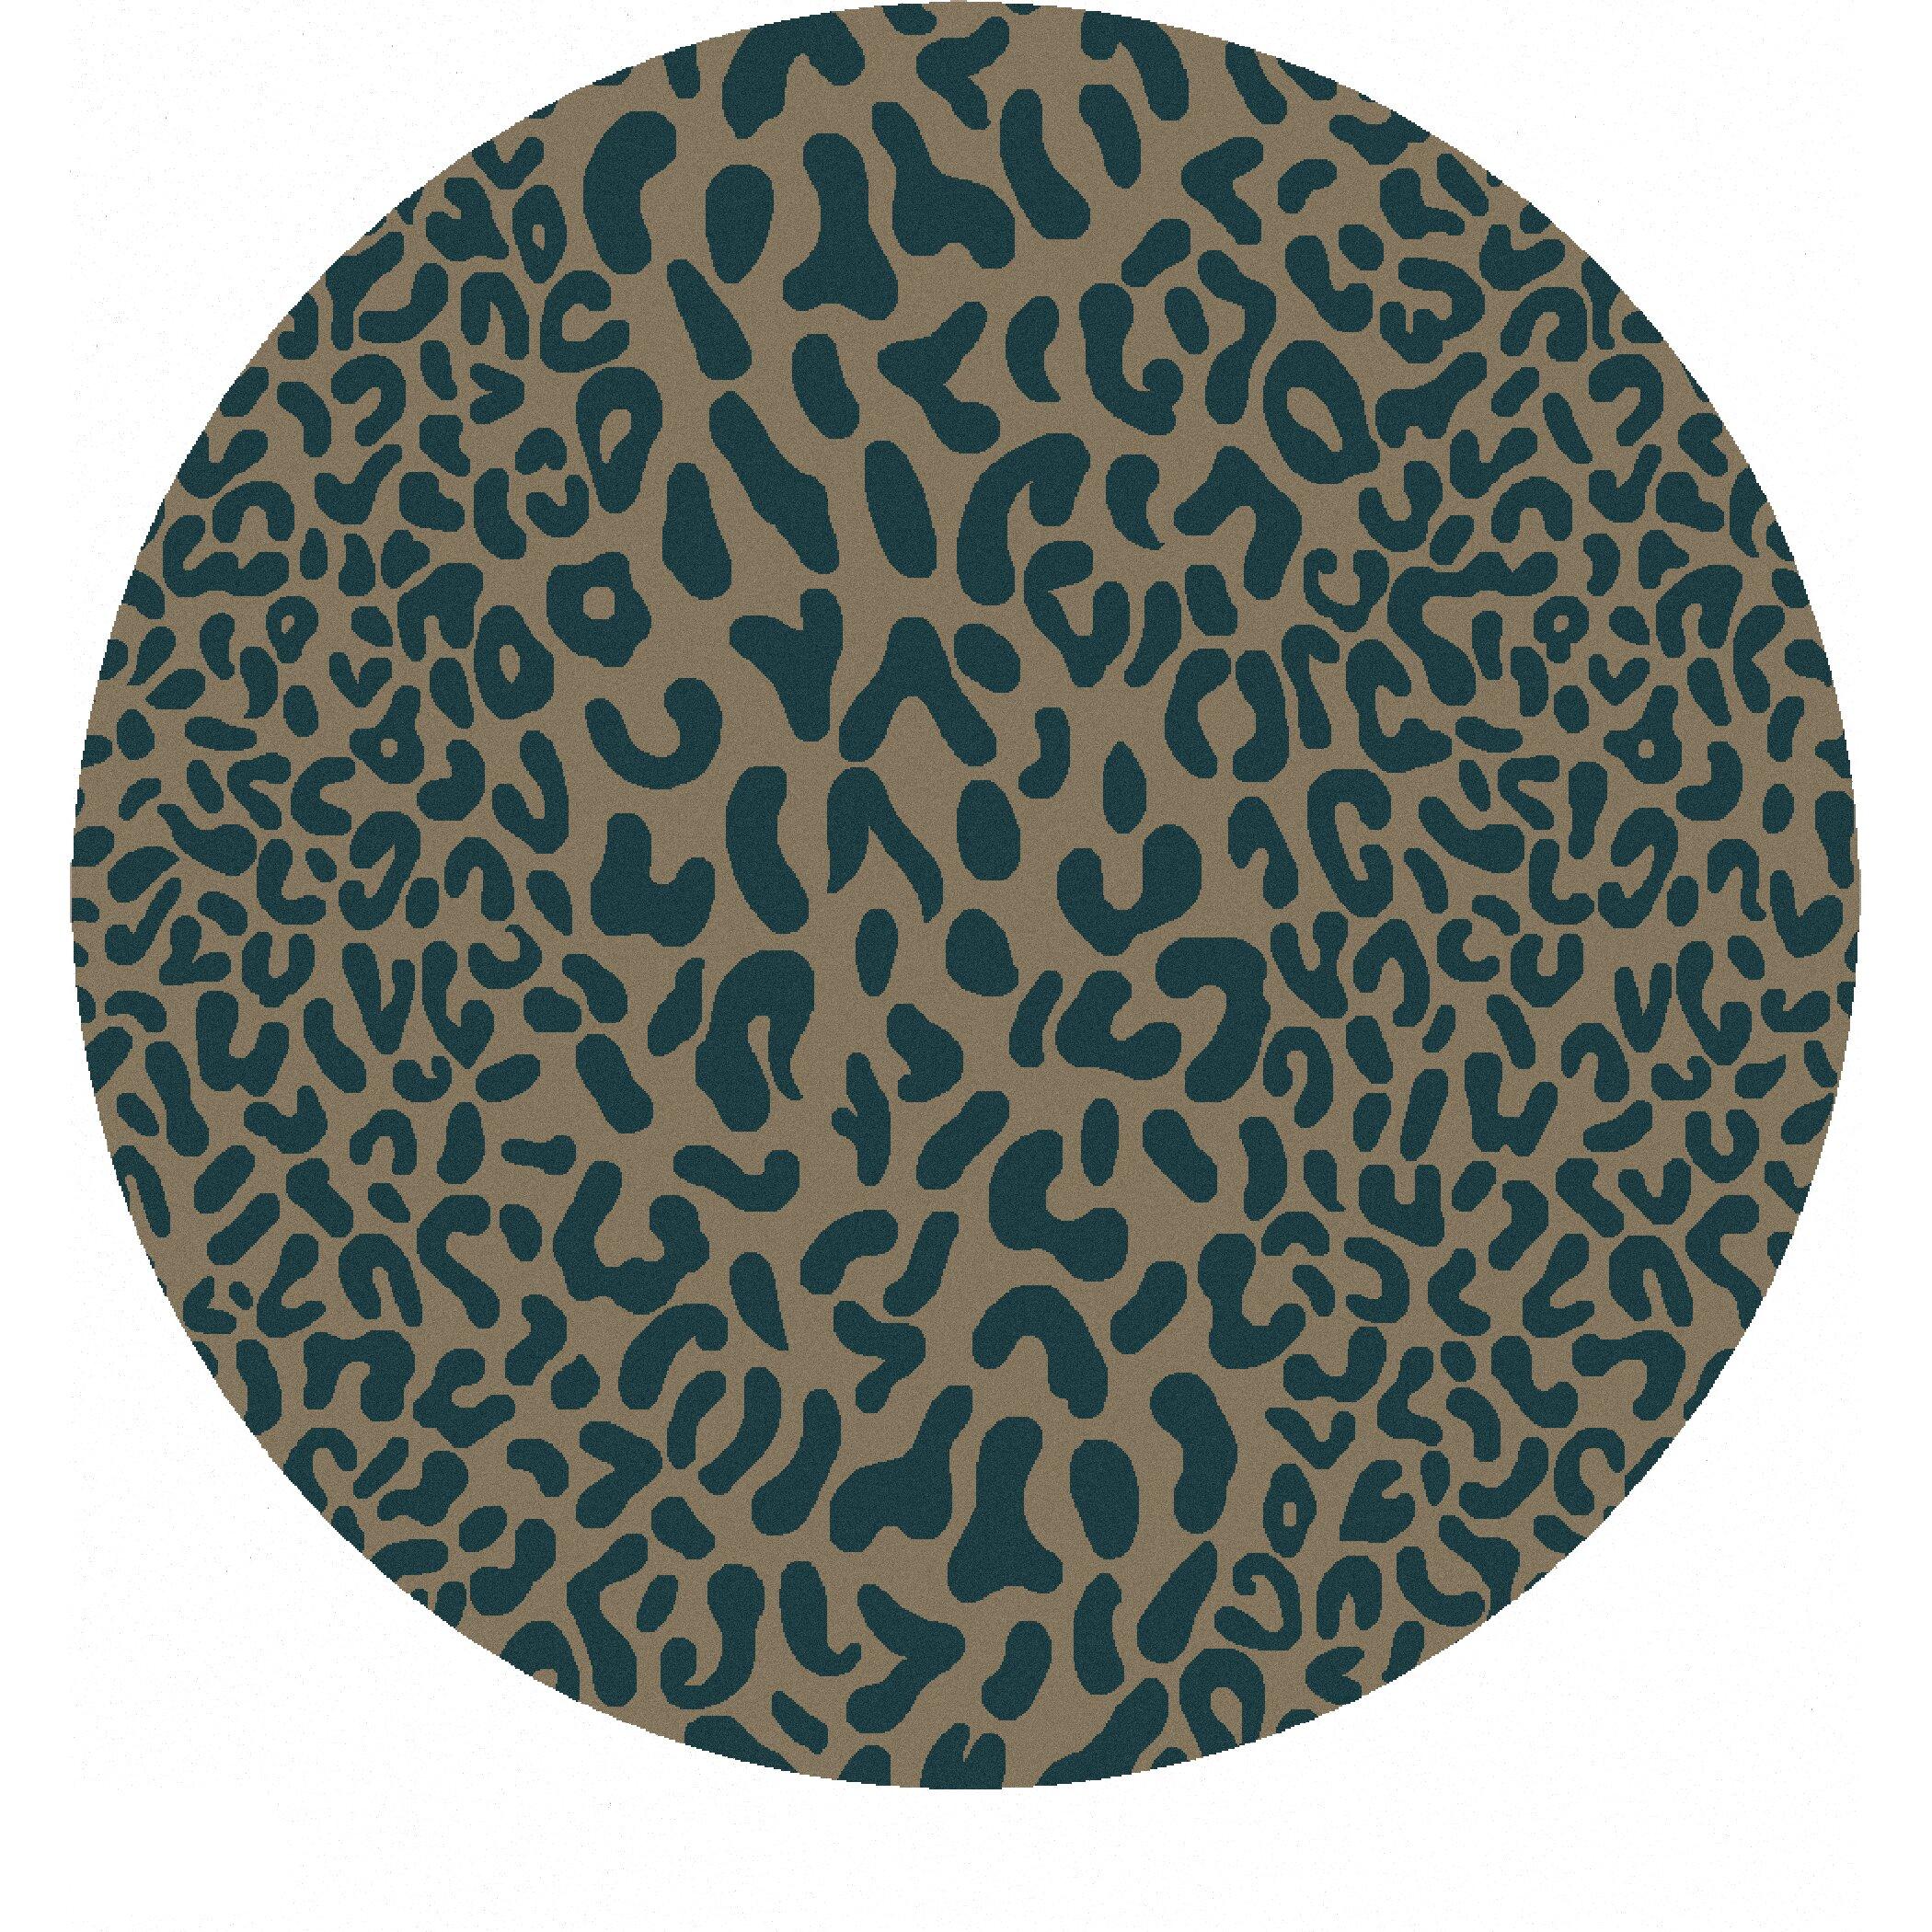 Animal Print Rug Wayfair: Macias Teal Animal Print Area Rug